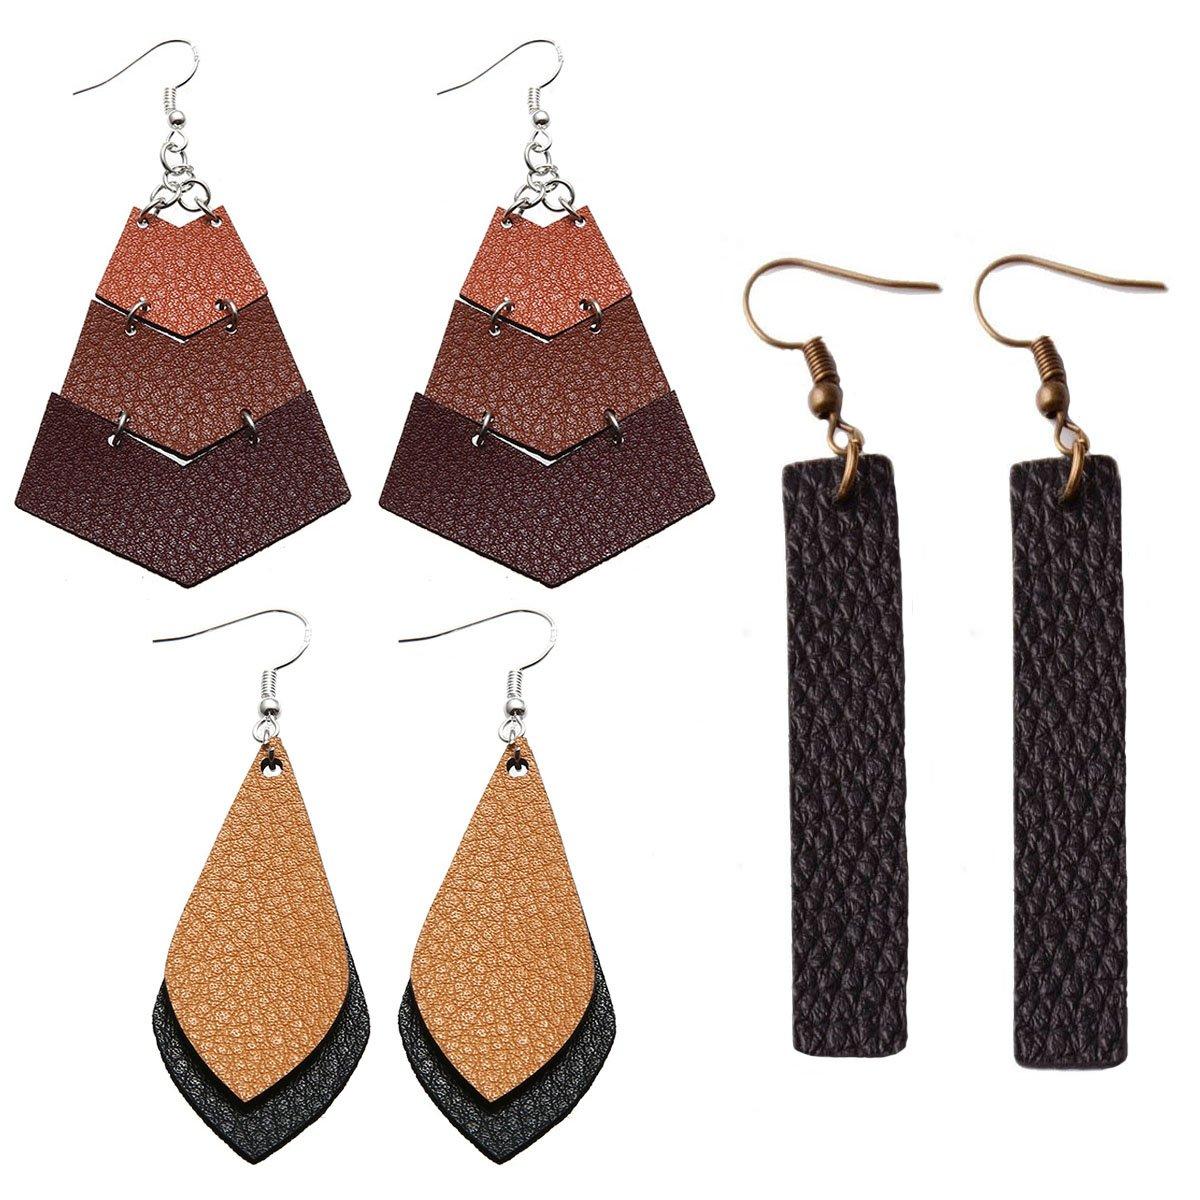 3 Pairs Faux Leather Teardrop Earrings Real Leather Hook Earrings Antique Looking Leaf Shape Dangle Drop Pierced Earrings for Women, Girls